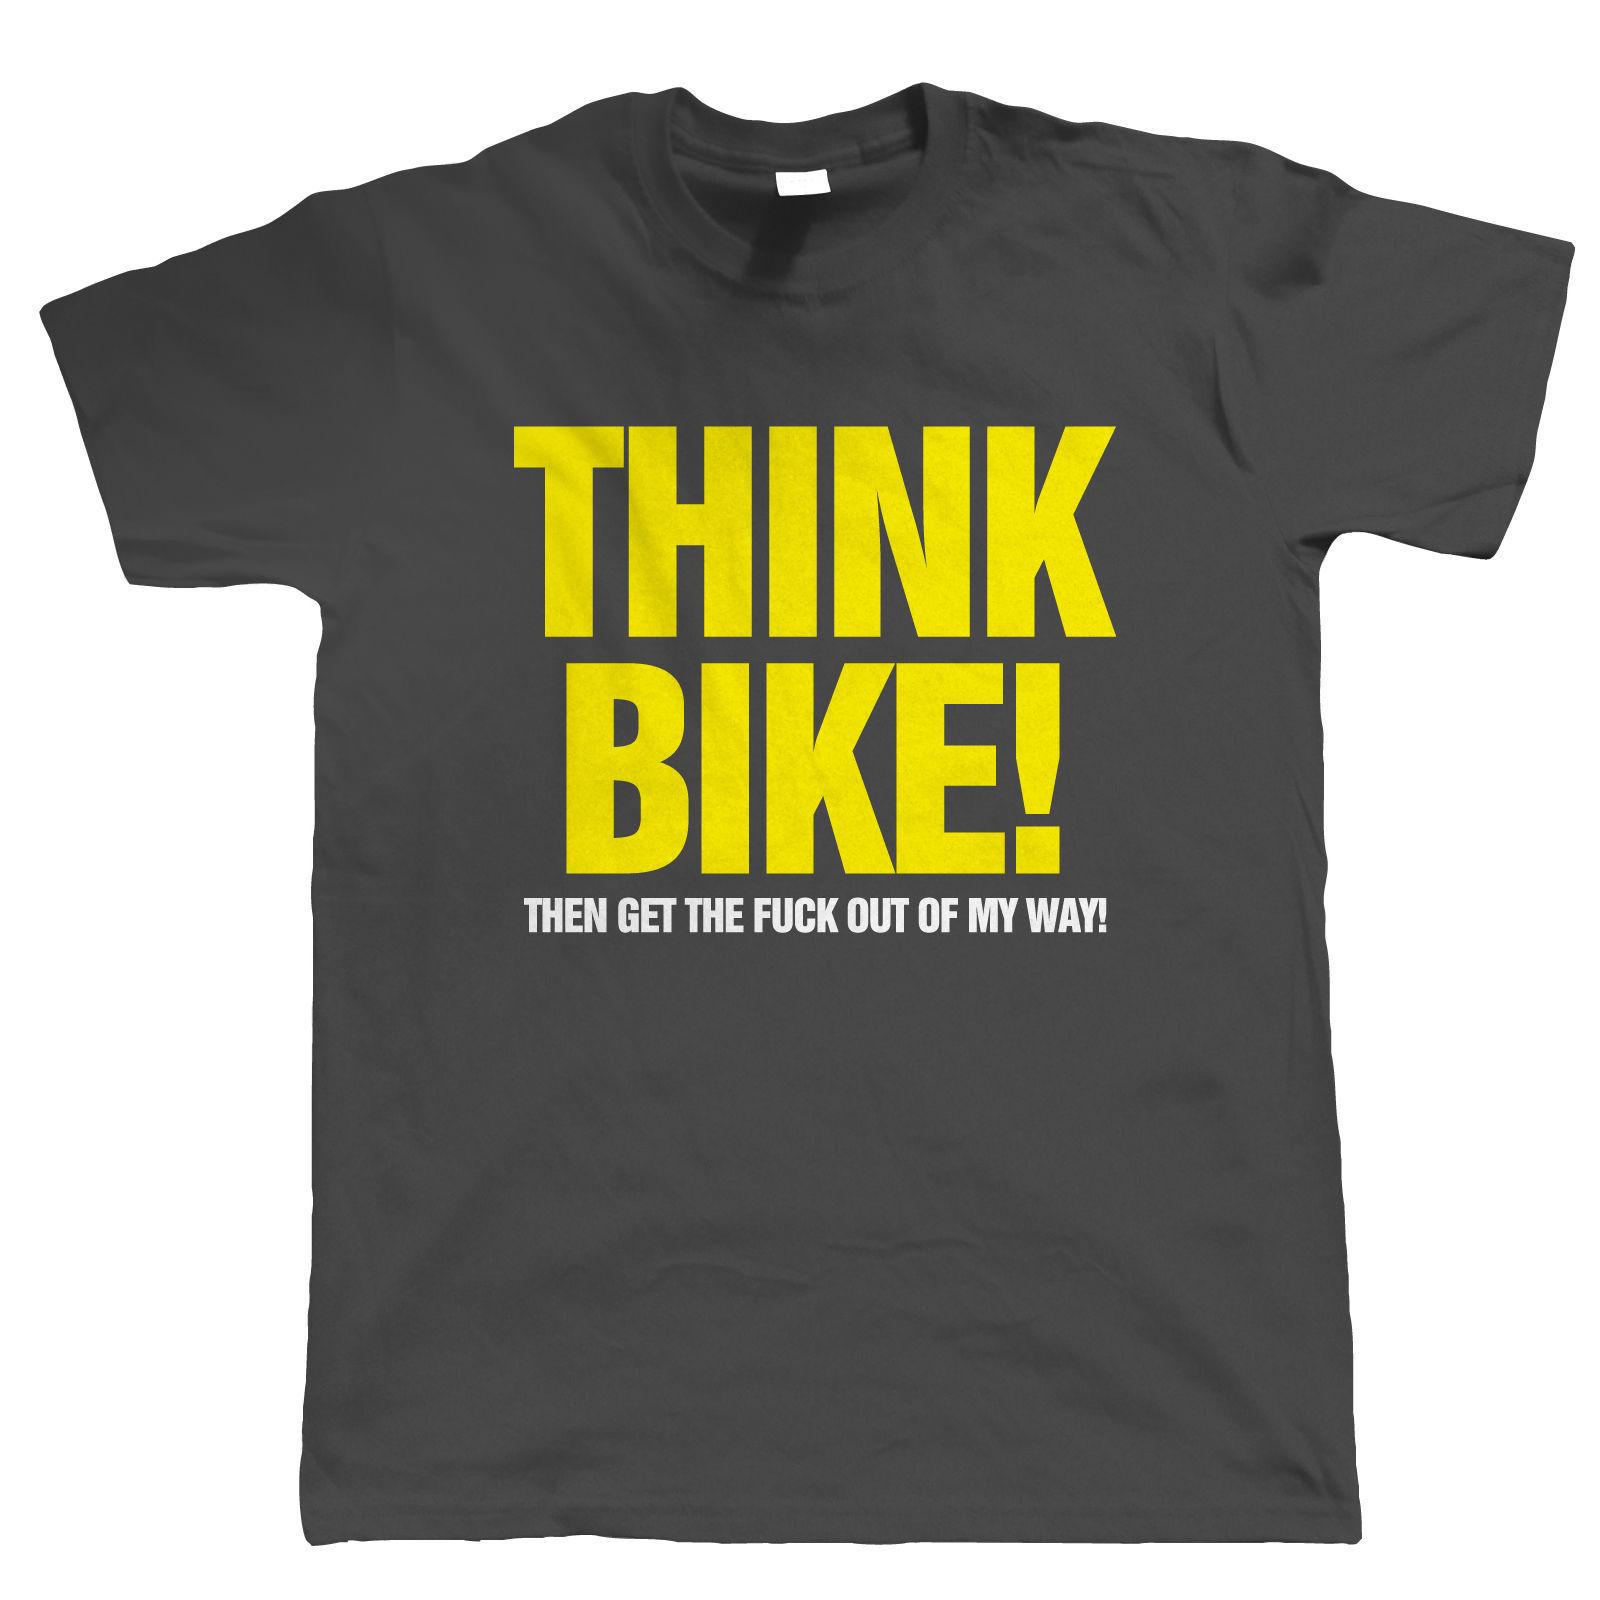 Think-Bike-Mens-Funny-Biker-T-Shirt-Superbike-Gift-for-Him-Dad-Grandad